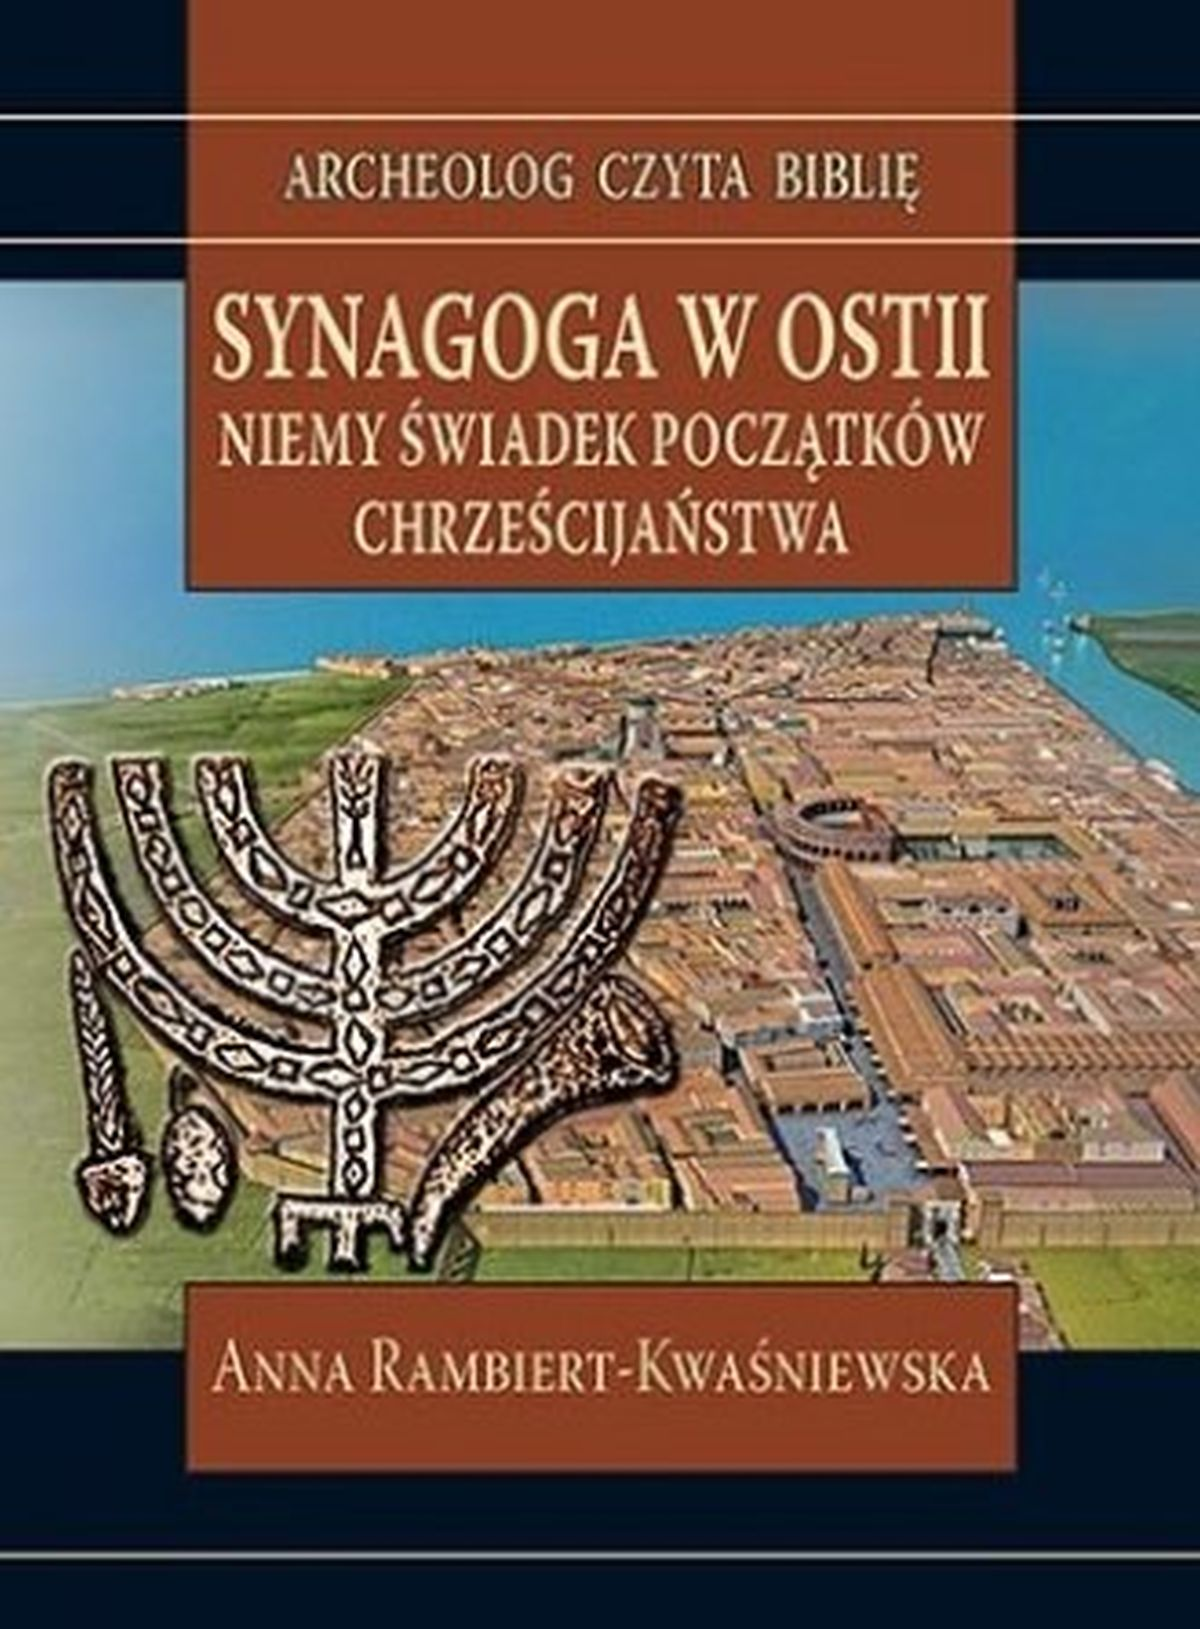 Anna Rambiert-Kwaśniewska, Synagoga w Ostii. Niemy świadek początków chrześcijaństwa